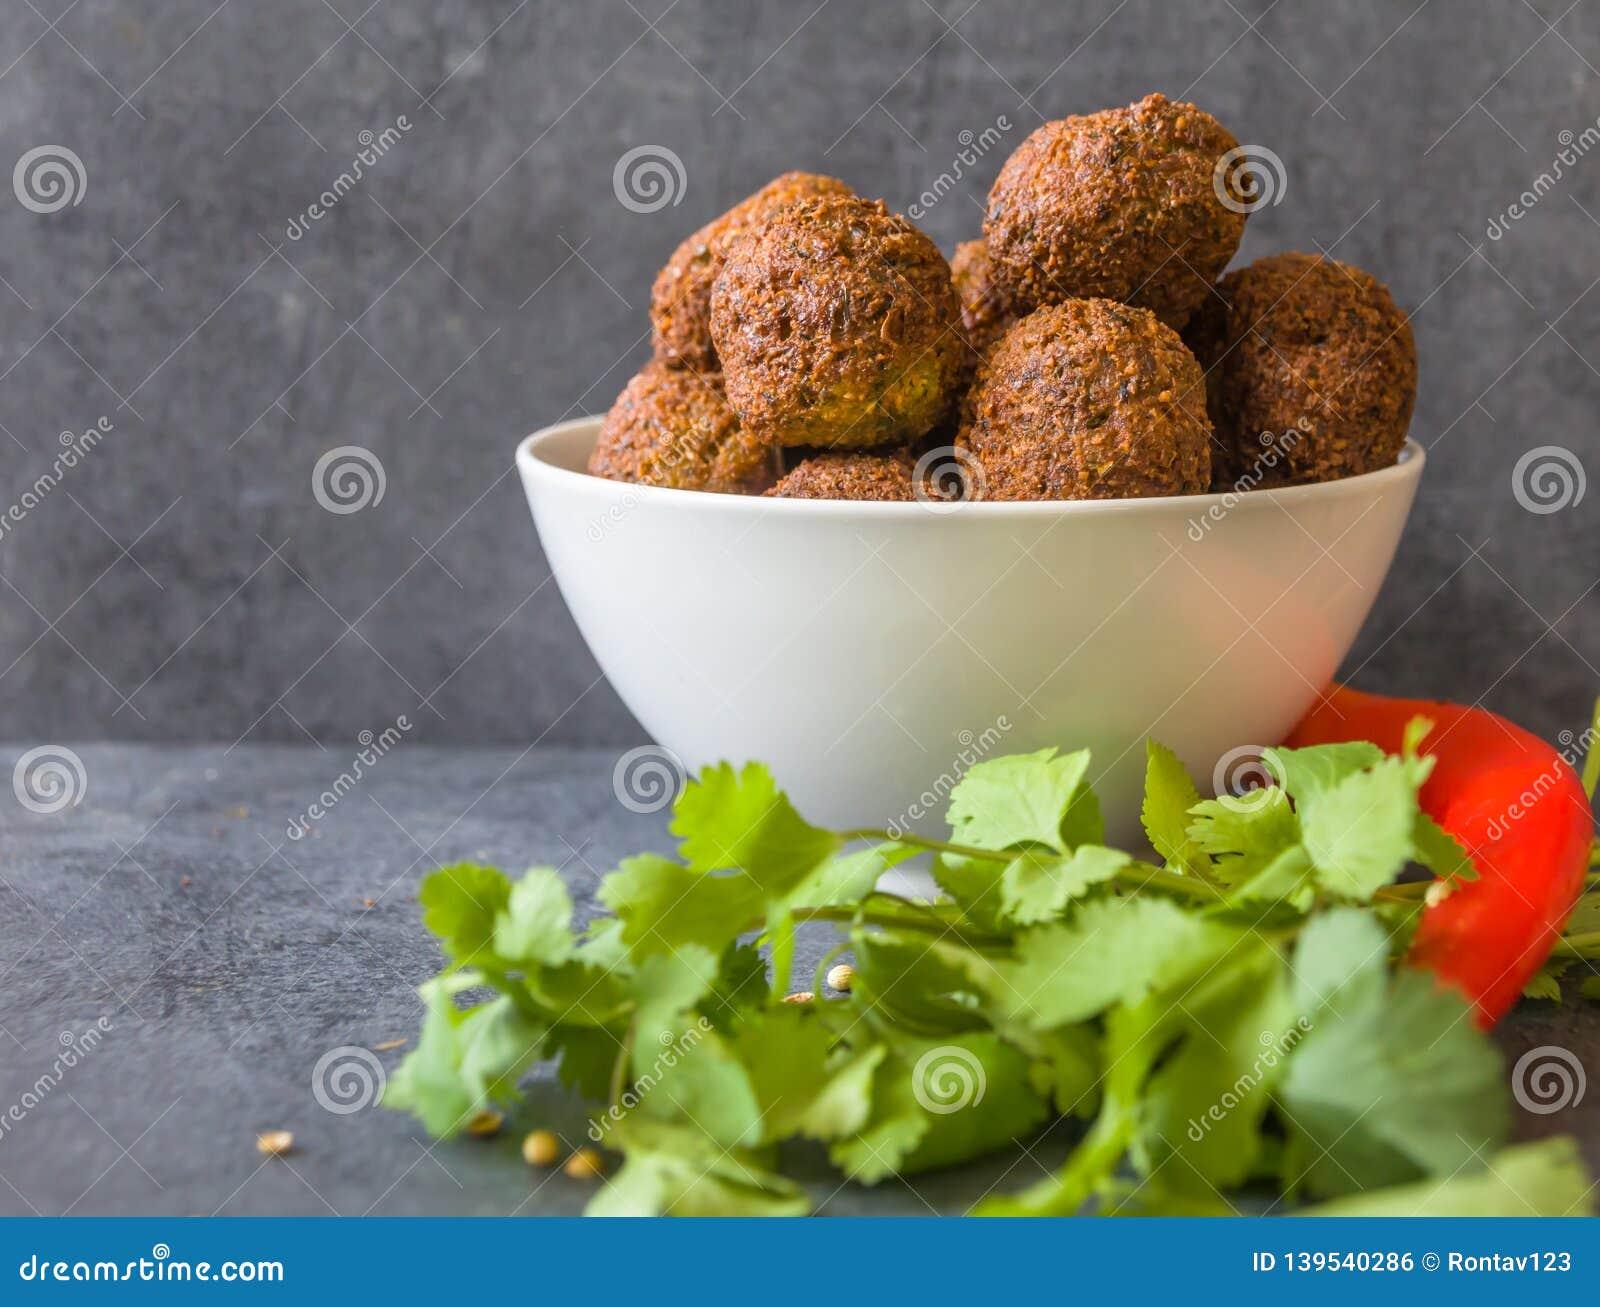 Tradycyjne domowej roboty chickpea Falafel piłki w pucharze z kolenderami opuszczają & ziarna, czerwony pieprz & kapusta, pitta c